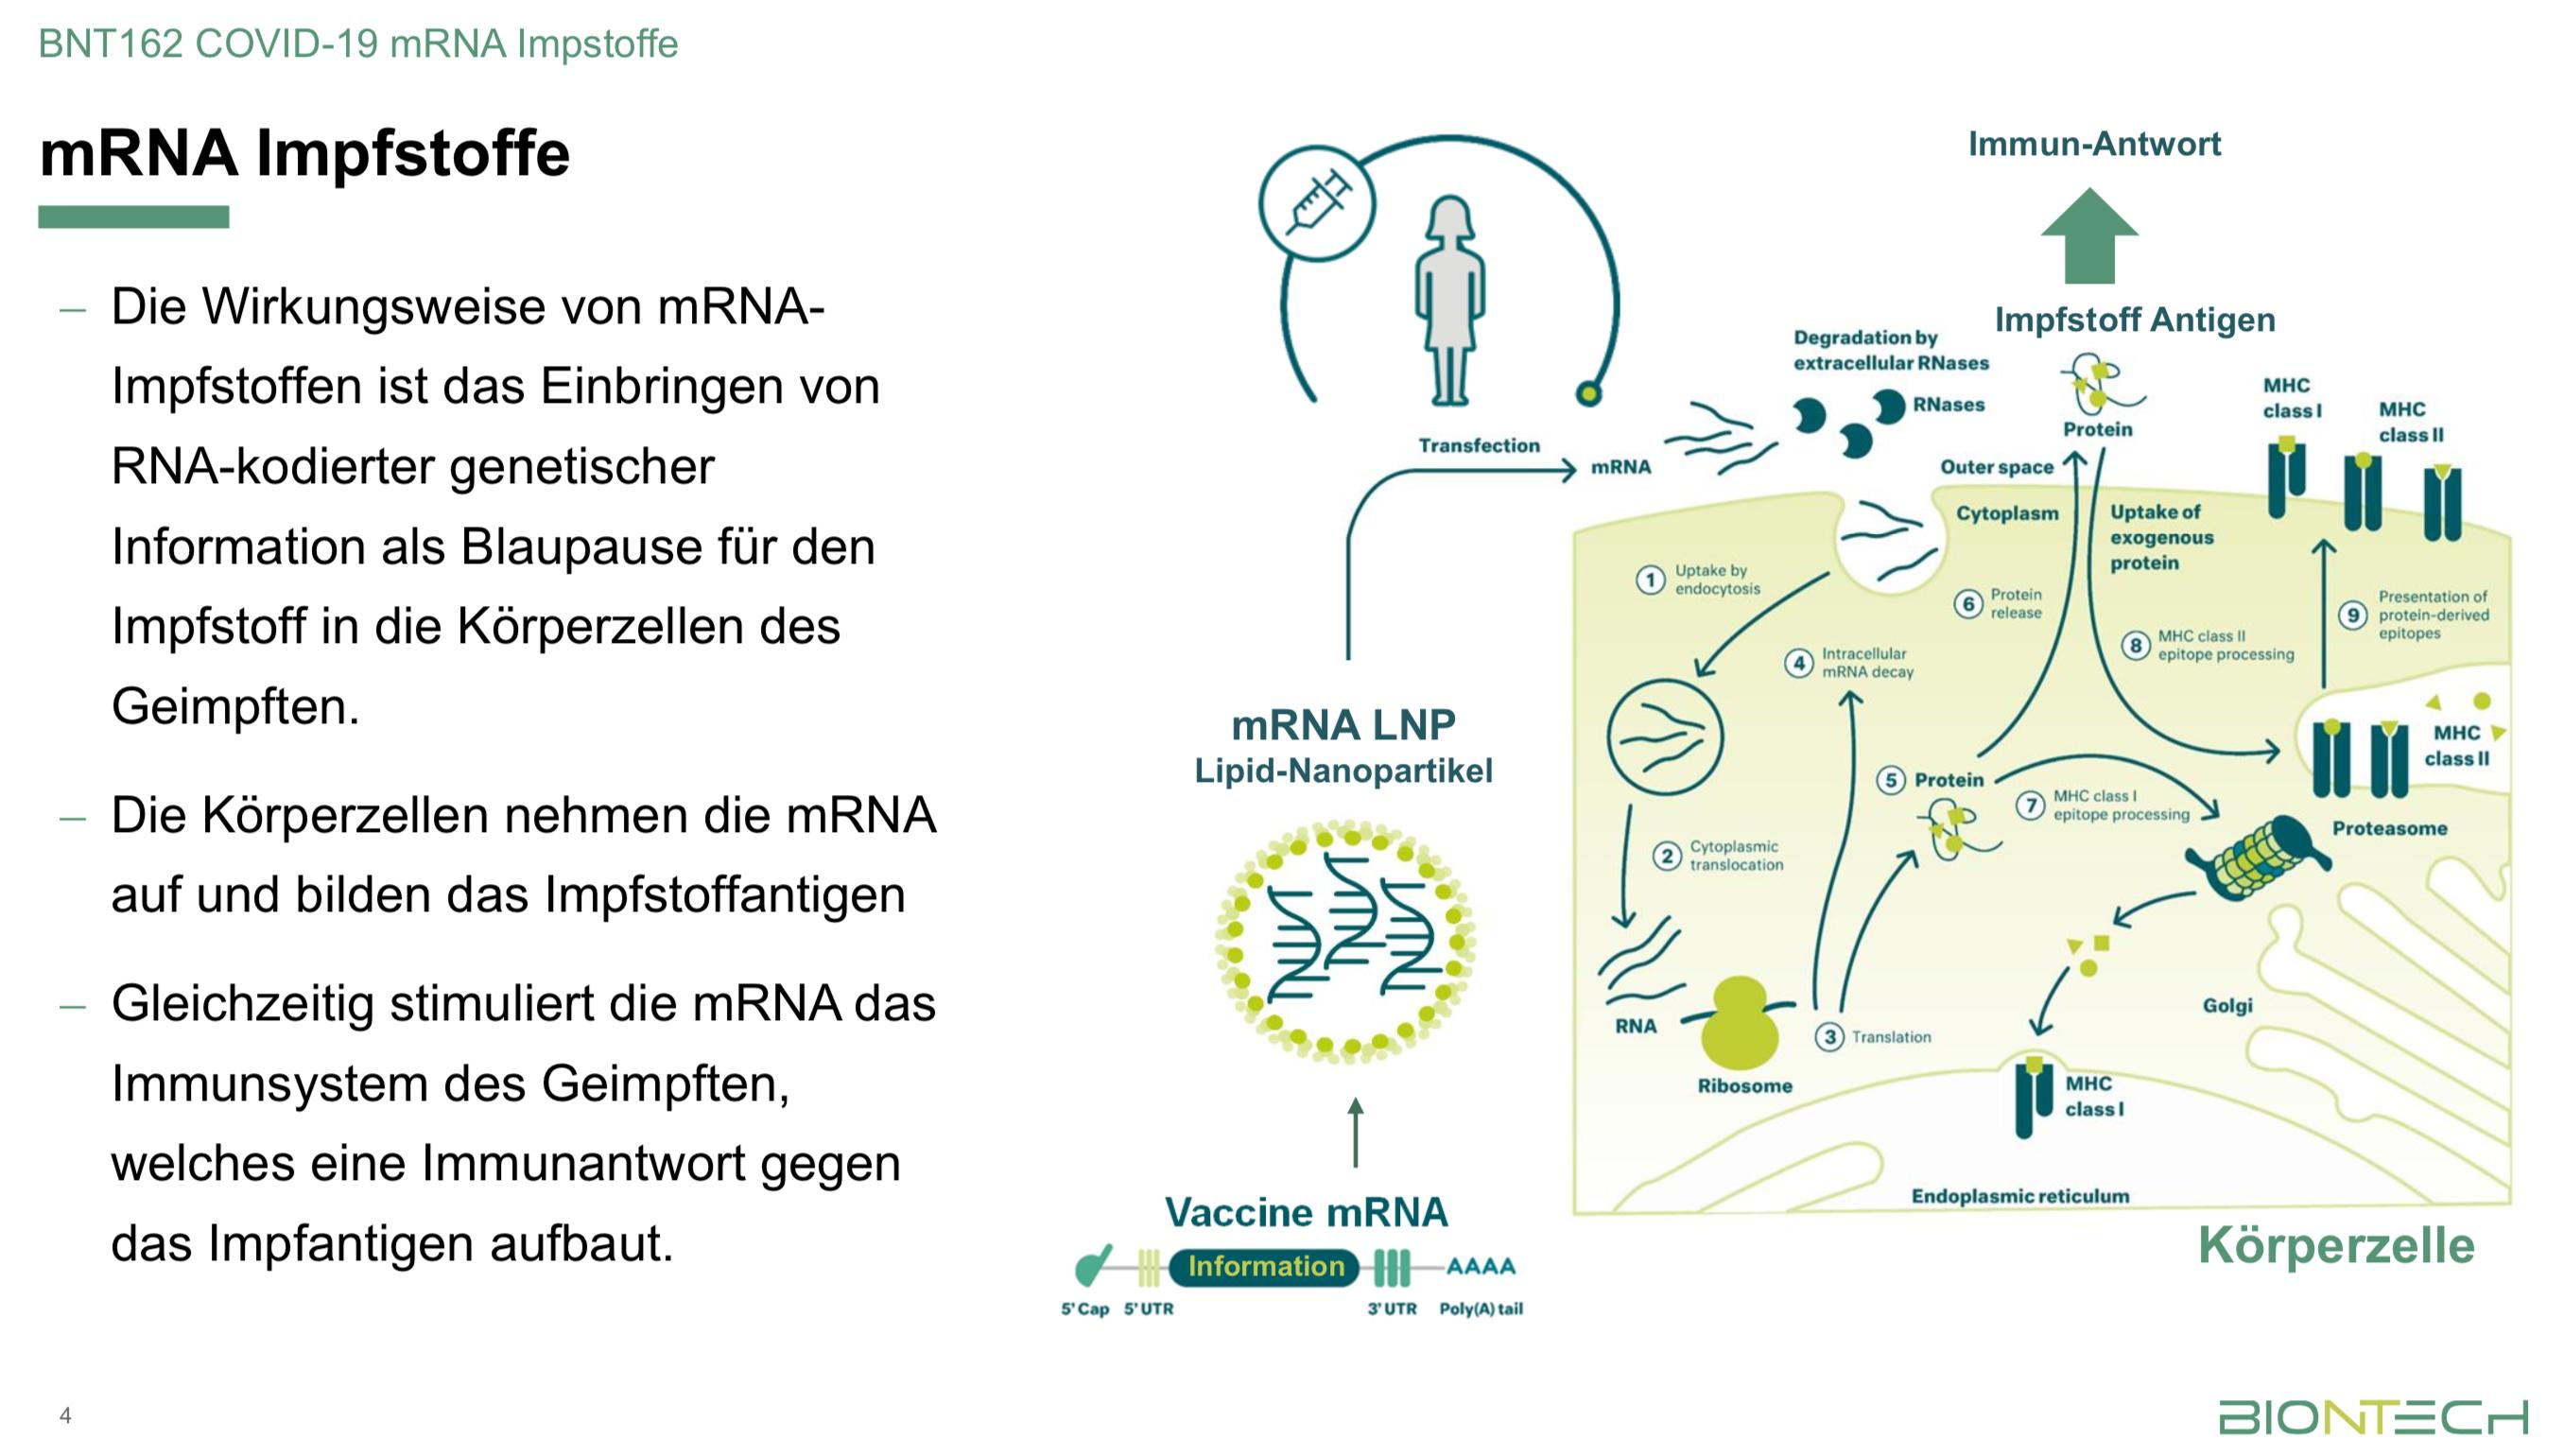 RNA-Impfstoffe greifen im Gegensatz zu Antigen-basierten Impfstoffen tiefgreifend in den Zellstoffwechsel ein. Ob sich daraus Langzeitschäden ergeben, ist unklar. Quelle: PP-Präsentation BioNTech.